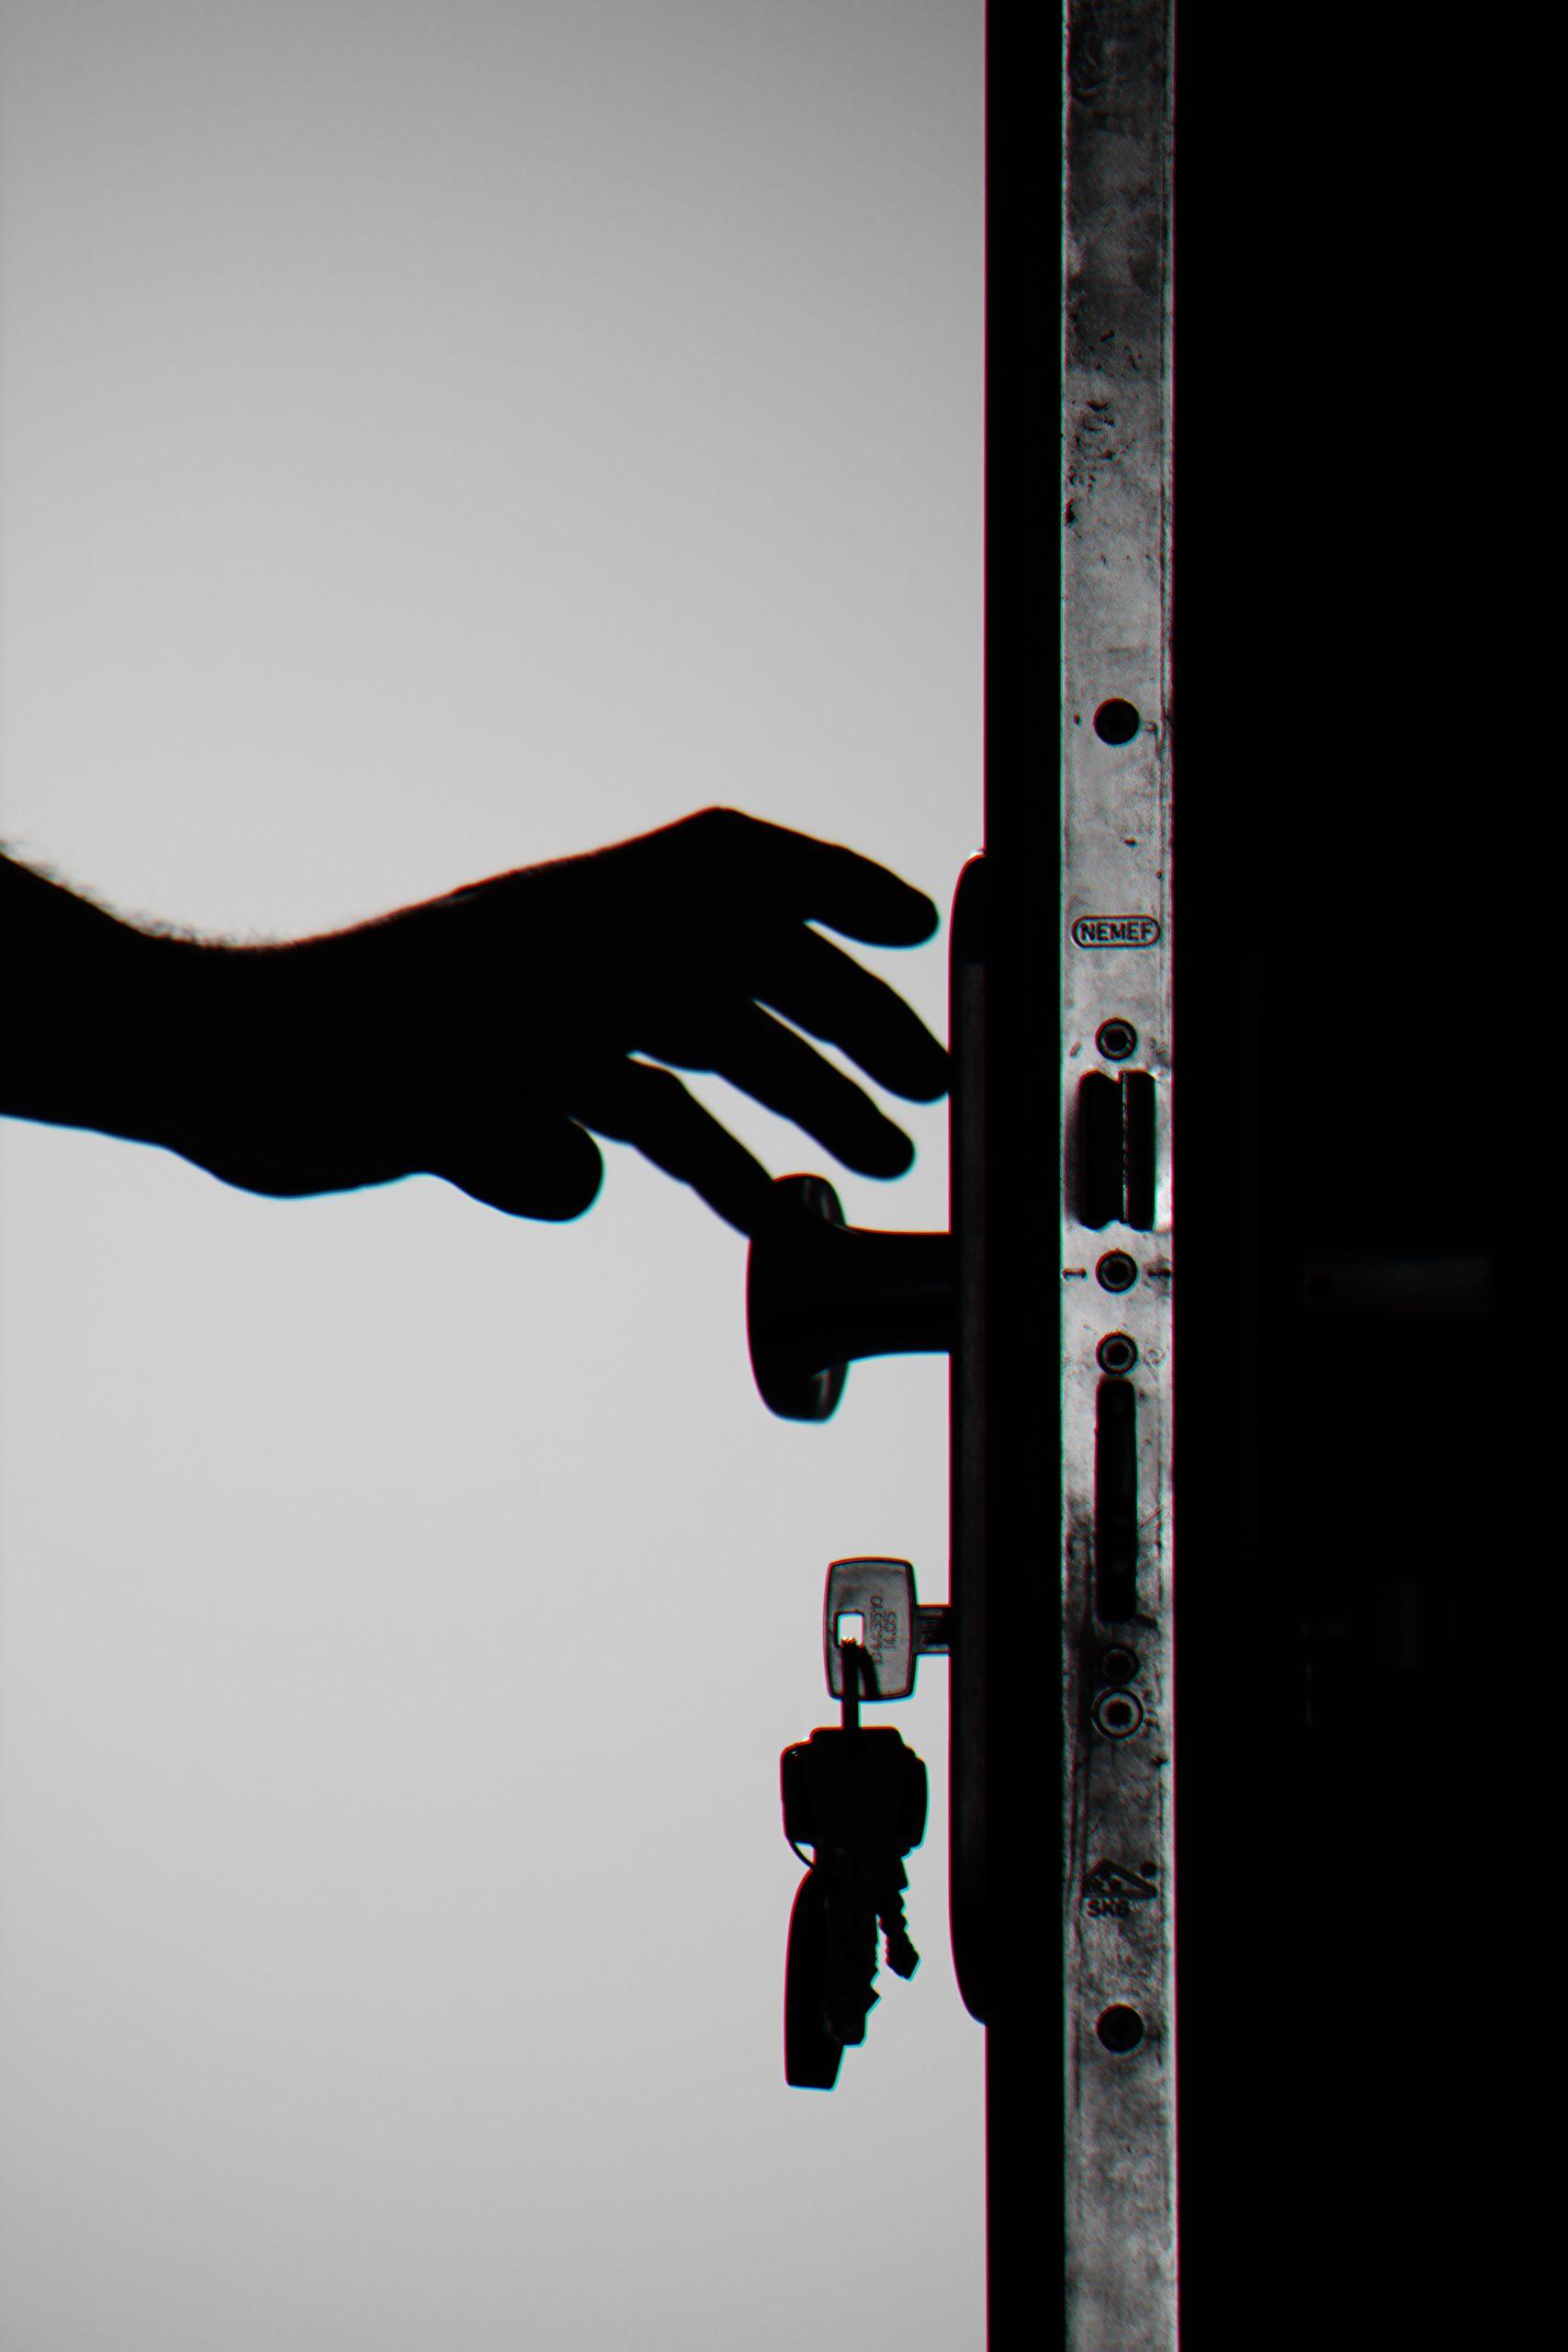 Revisa las cerraduras de tu casa antes de salir   Foto: Pexels